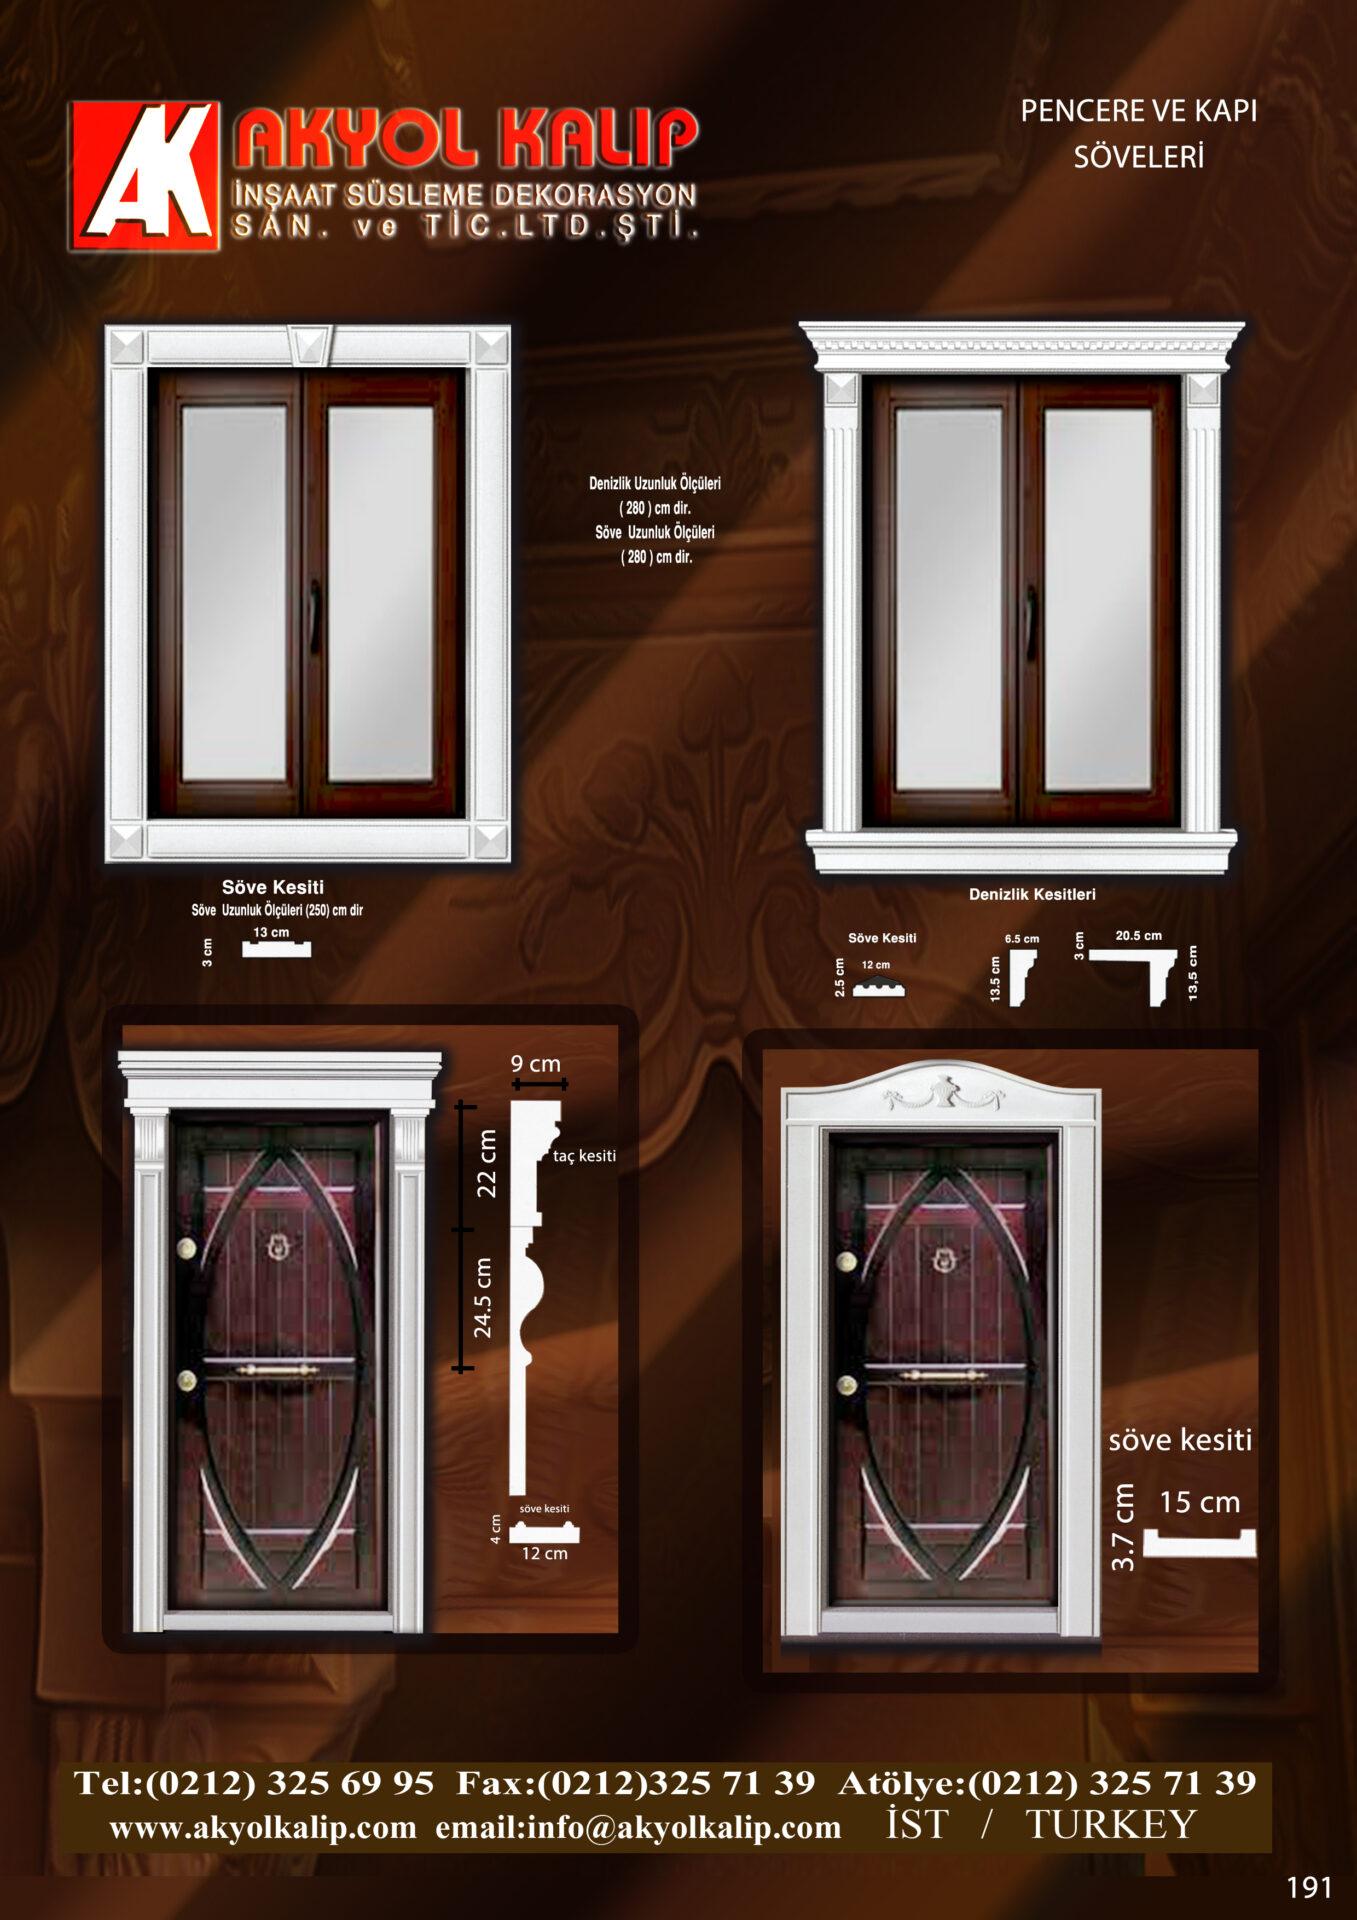 Kapı Çatları, polyester kapı taç kalıpları, kapı tacı modelleri, alçı kapıtaçları, kapı taç çeşitleri, alçı süslemeleri, iç dekorasyon süsleme kalıpları, alçı kalıplama, dışcephe prekast kalıp imalatı, silikon kalıp imalatı, alçi kalip fabrikasi, alçı kalıp fiyatları, polyester kalıp güncel fiyatları, ctp